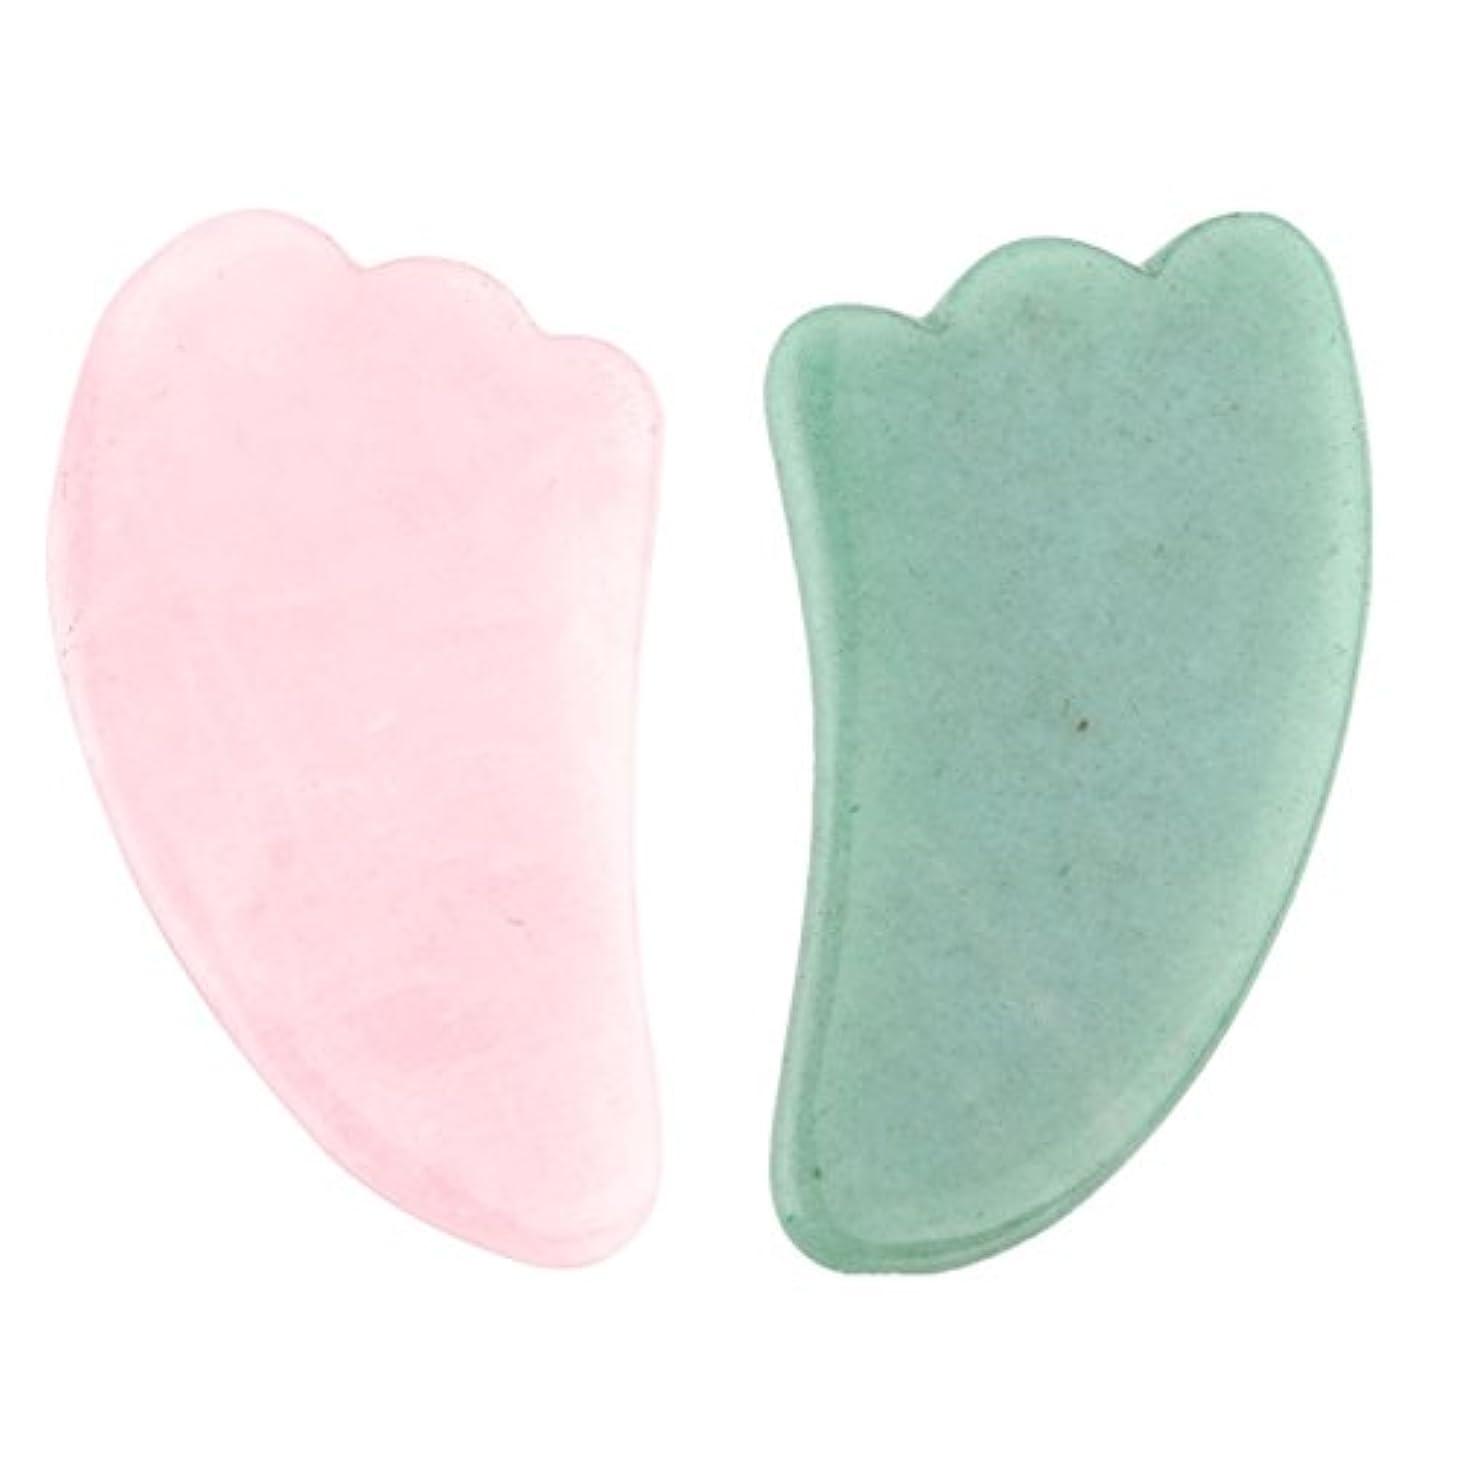 2点セット2pcsFace/Body Massage rose quartz/Adventurine Natual Gua Sha wing shape 羽型/翼形状かっさプレート 天然石ローズクォーツ 翡翠,顔?ボディ...